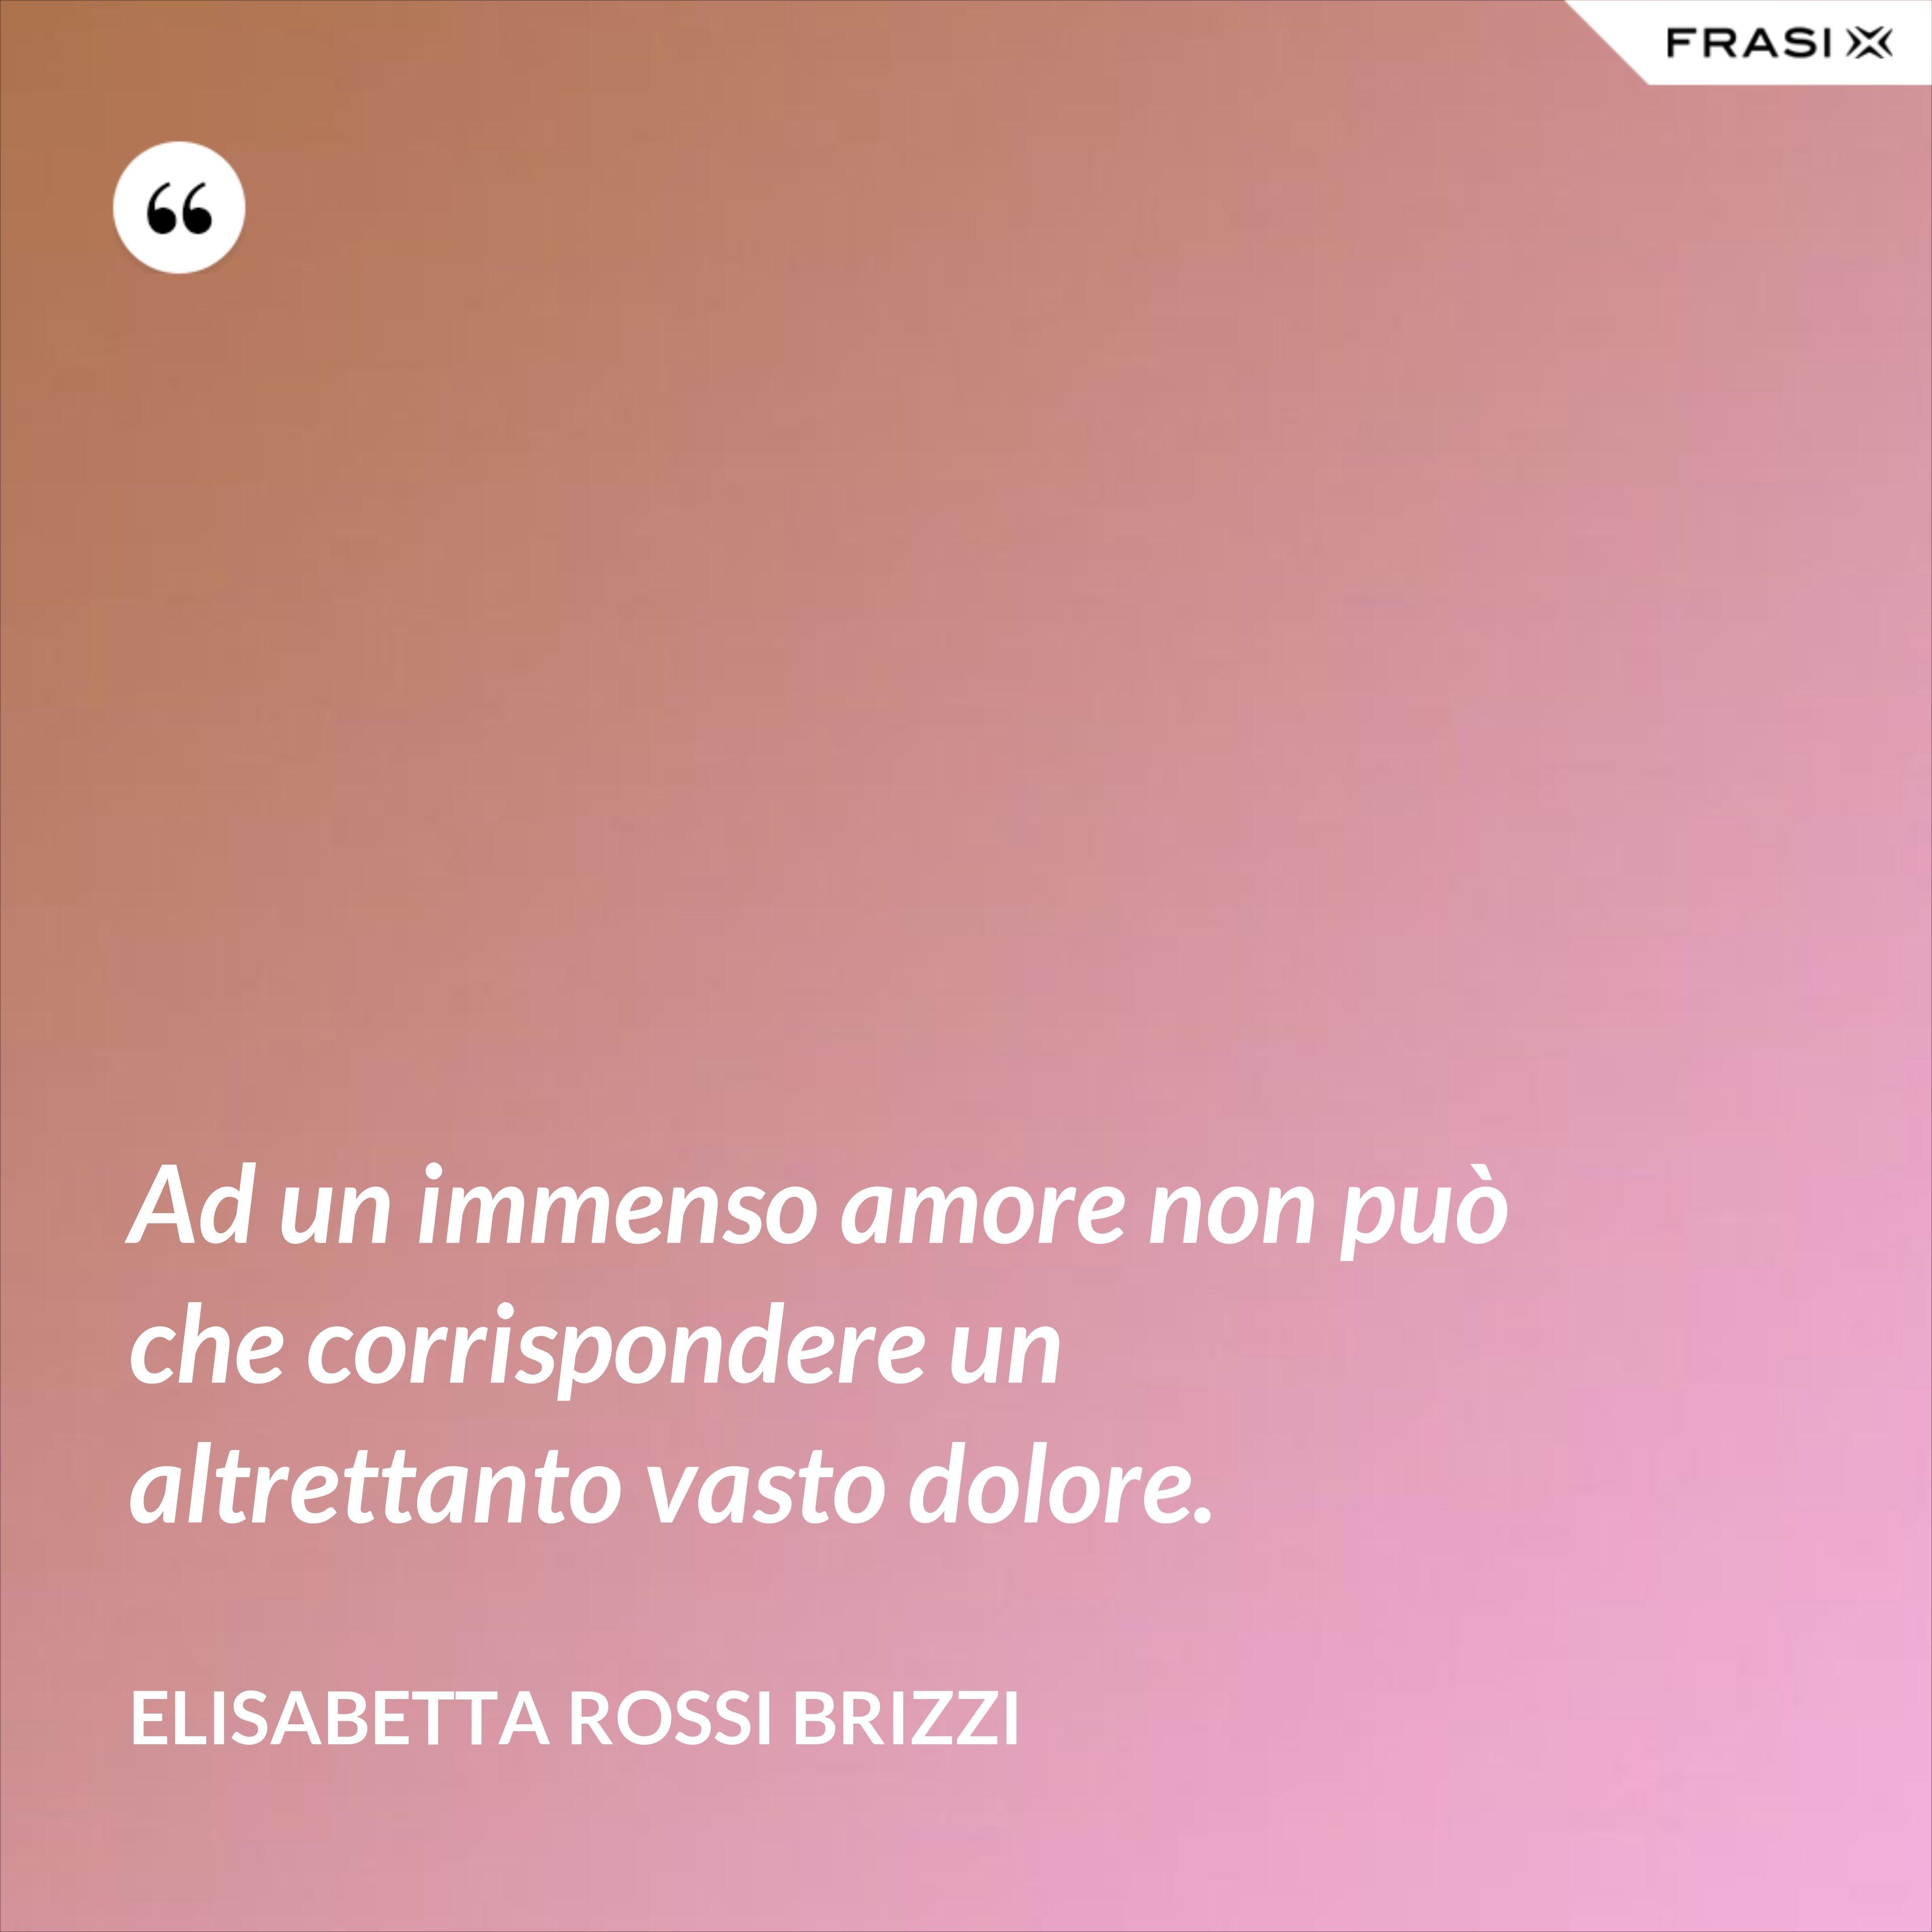 Ad un immenso amore non può che corrispondere un altrettanto vasto dolore. - Elisabetta Rossi Brizzi